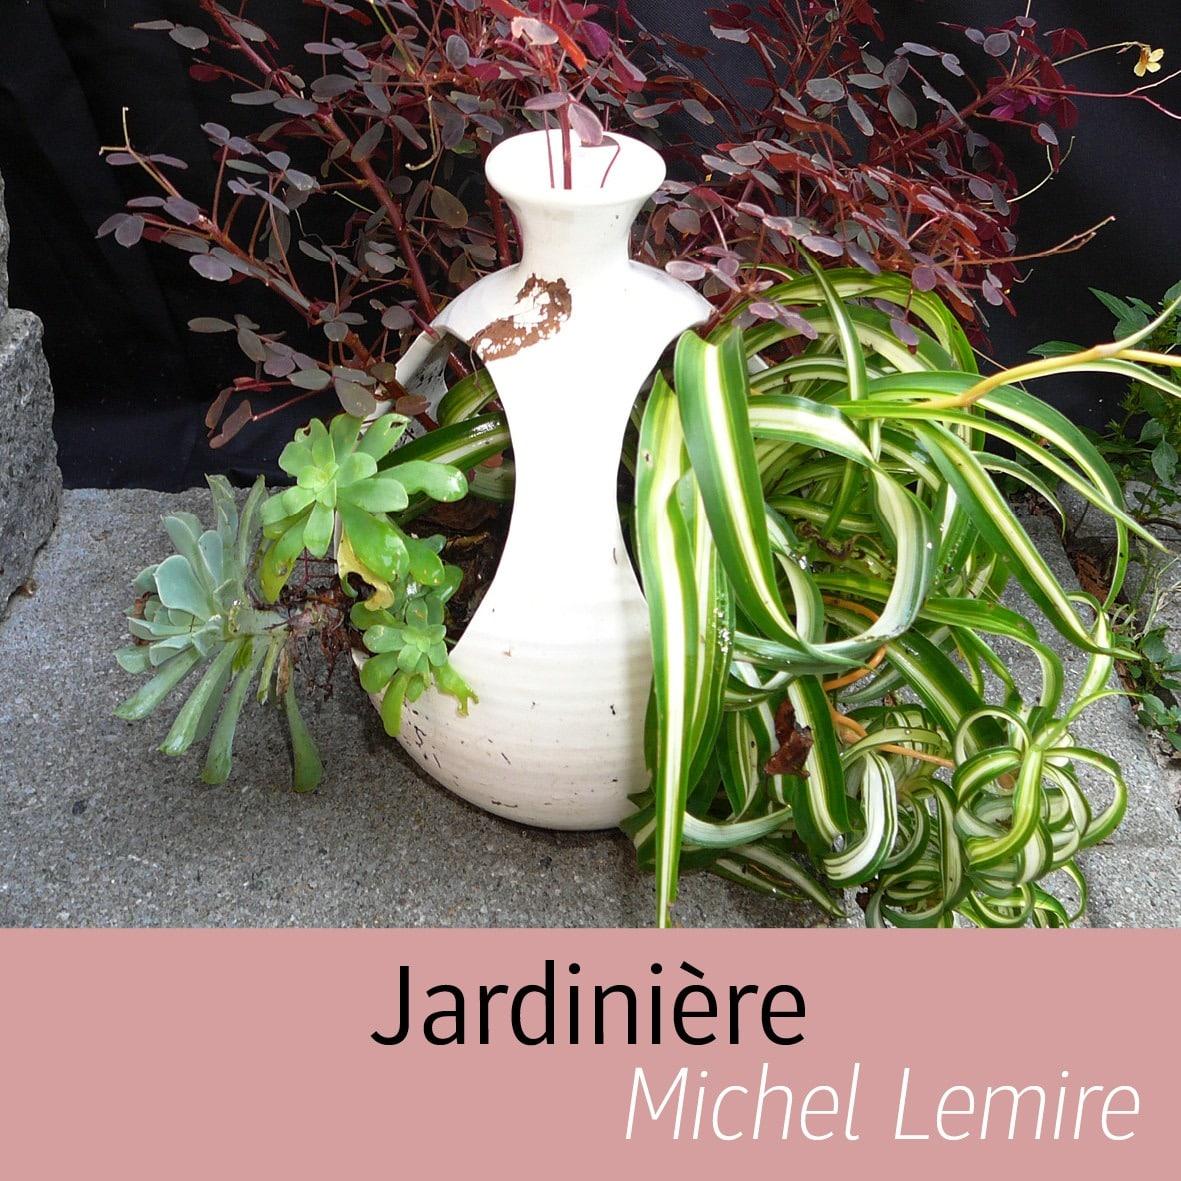 Jardinière Michel Lemire